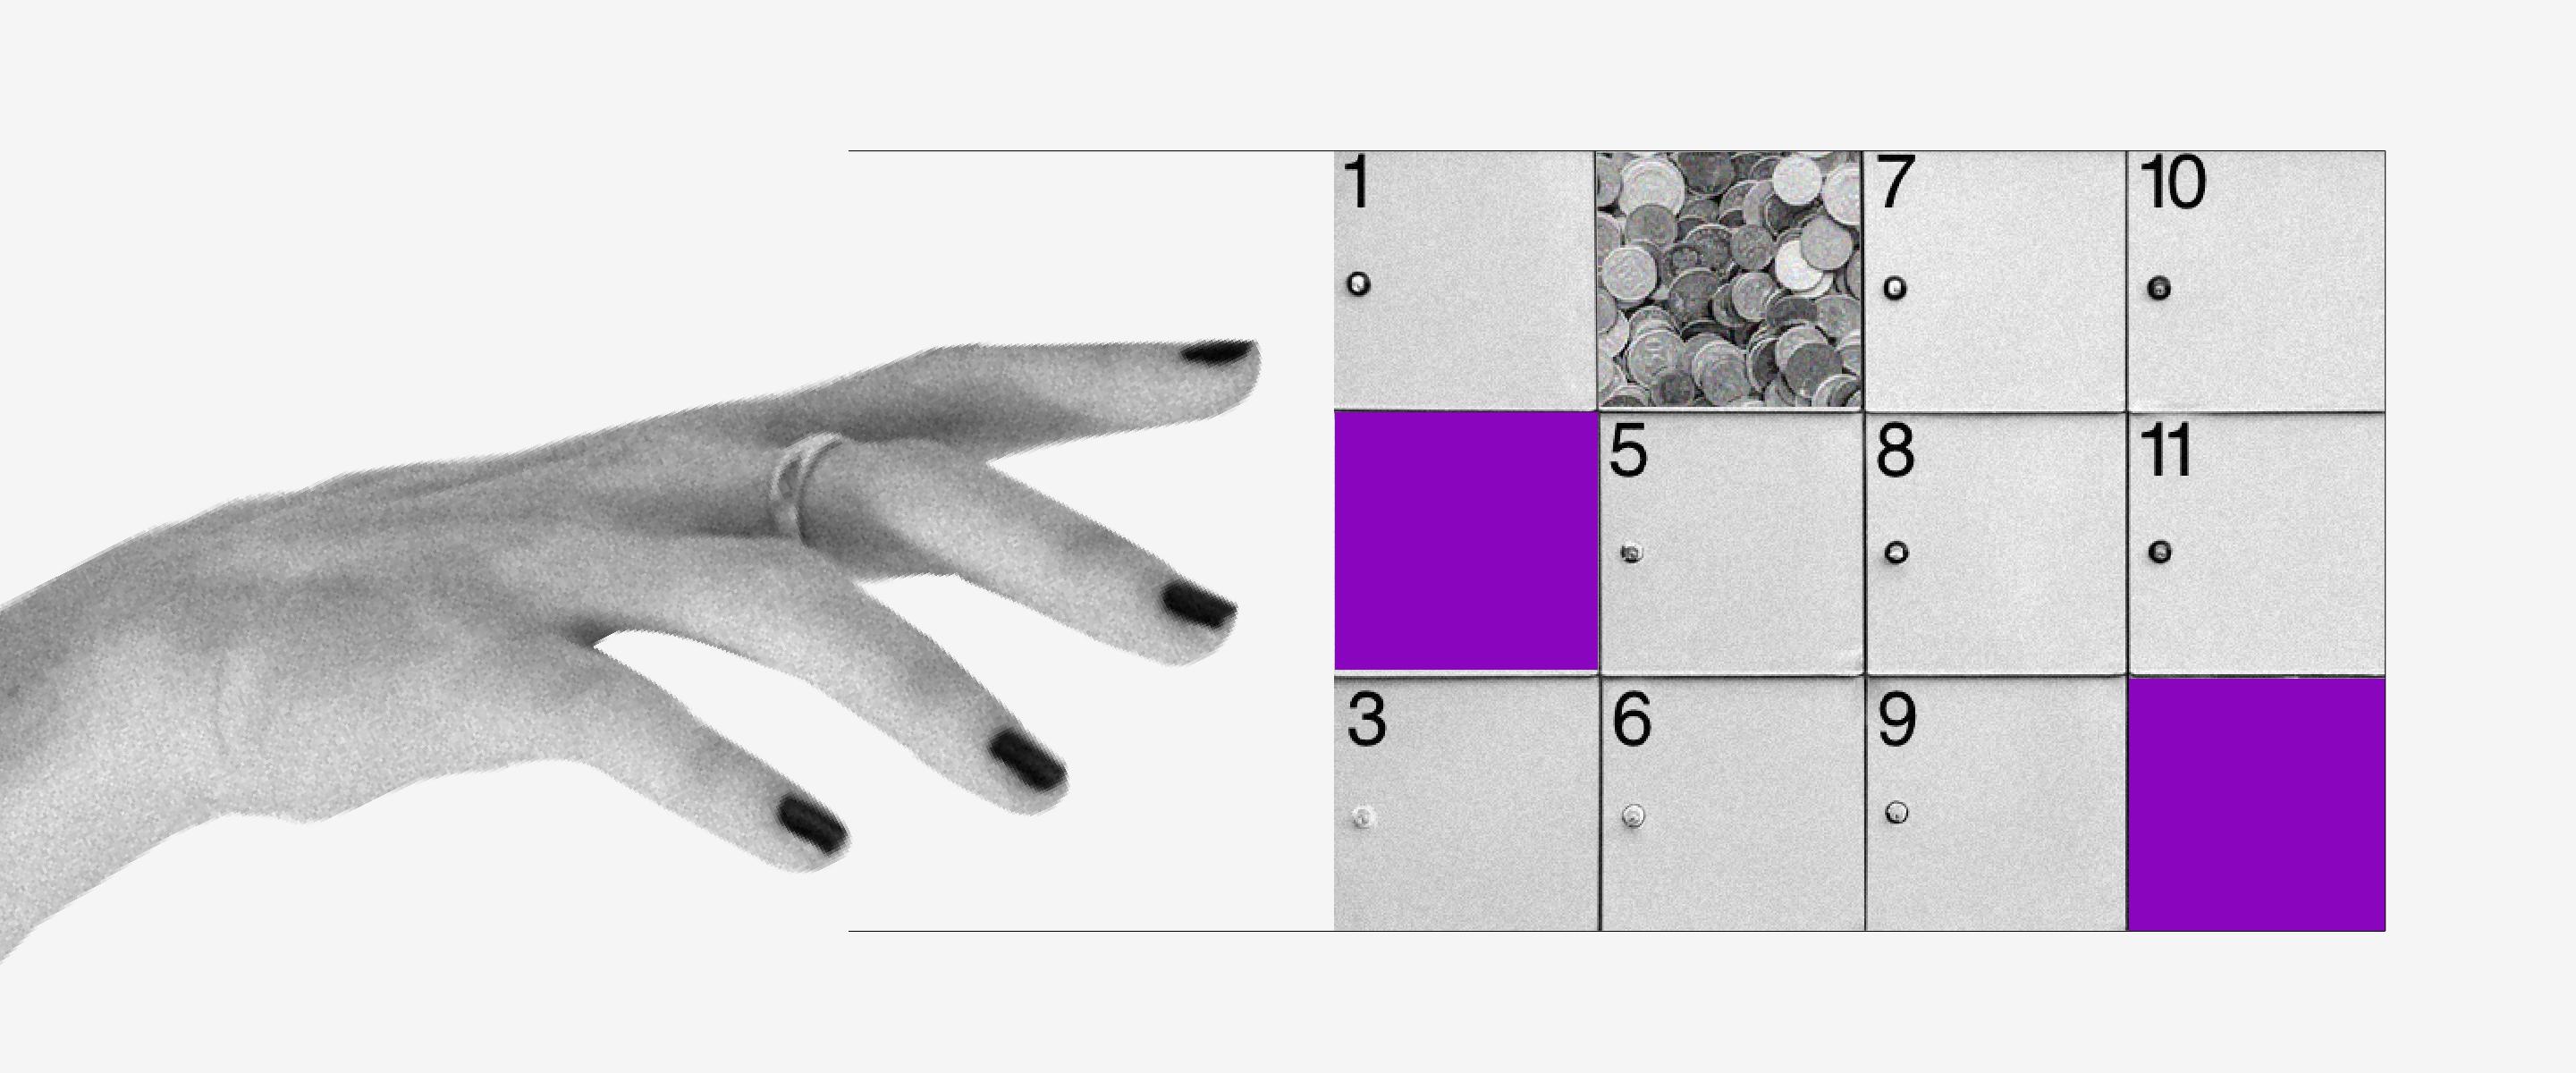 imagem de um calendário com alguns quadrados cinzas e outros roxos. Um deles está preenchido de moedas. Uma mão se aproxima para pegar as moedas.